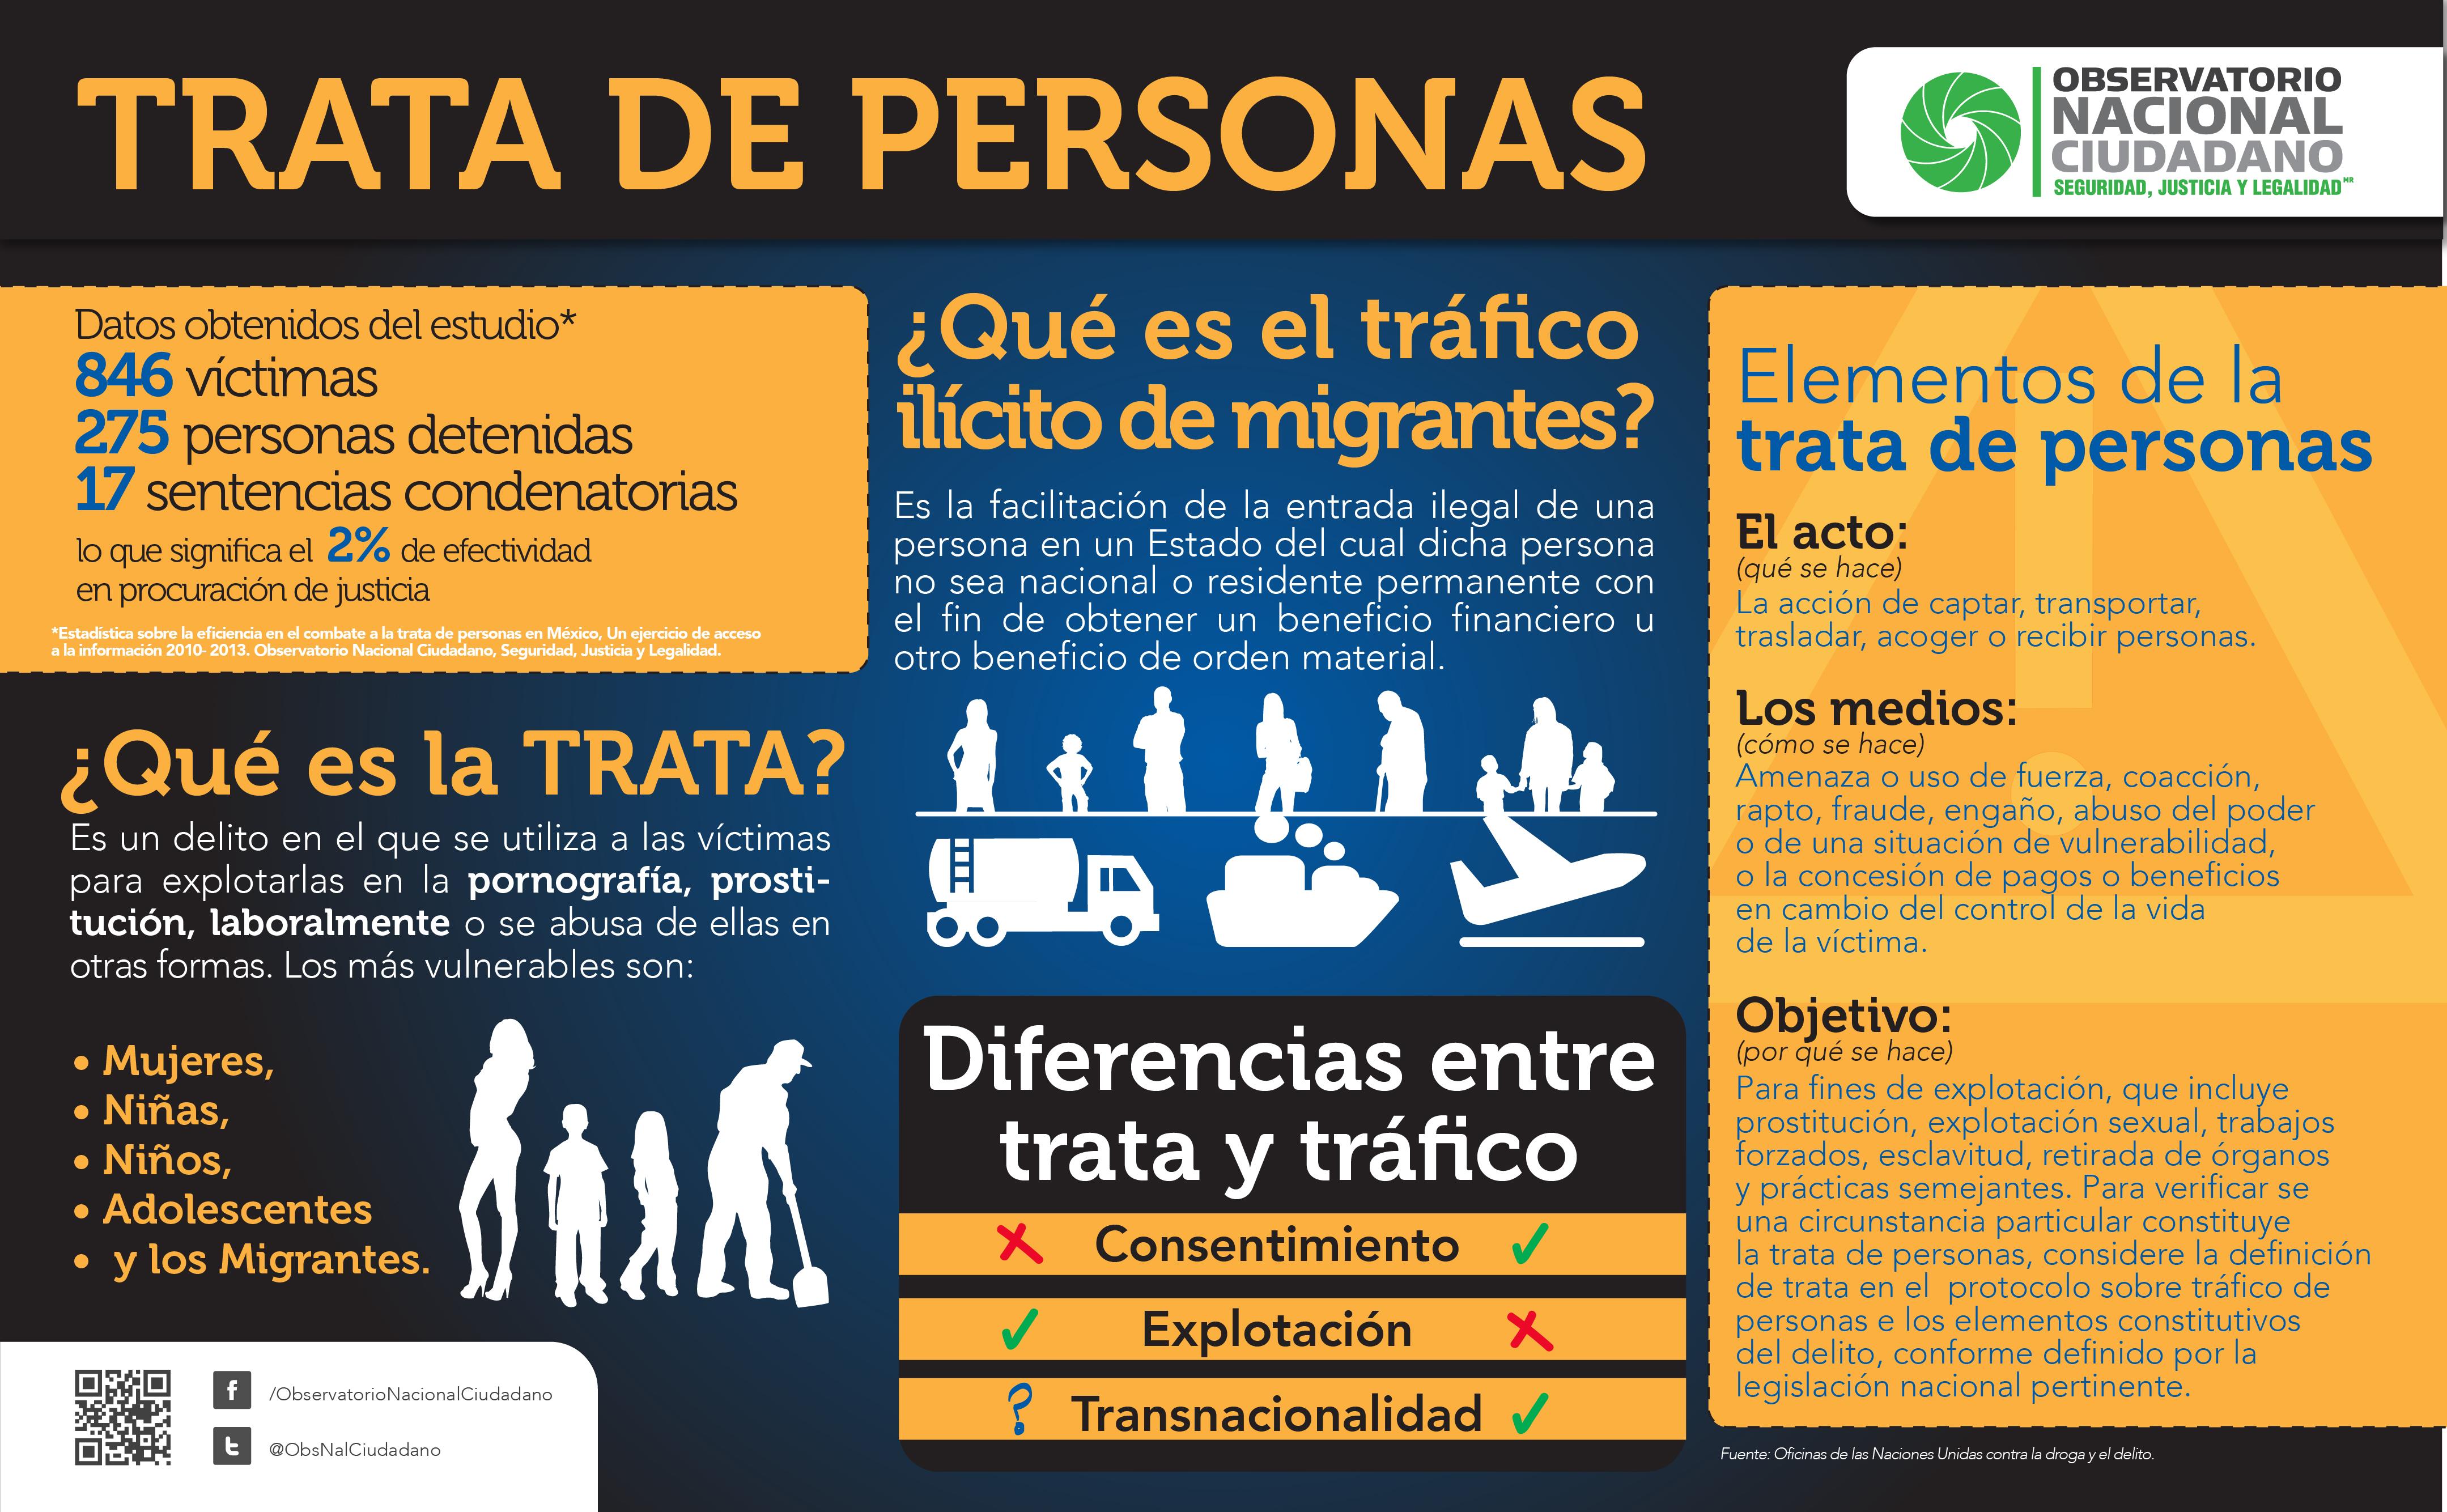 infografias-trata-2014-01.jpg